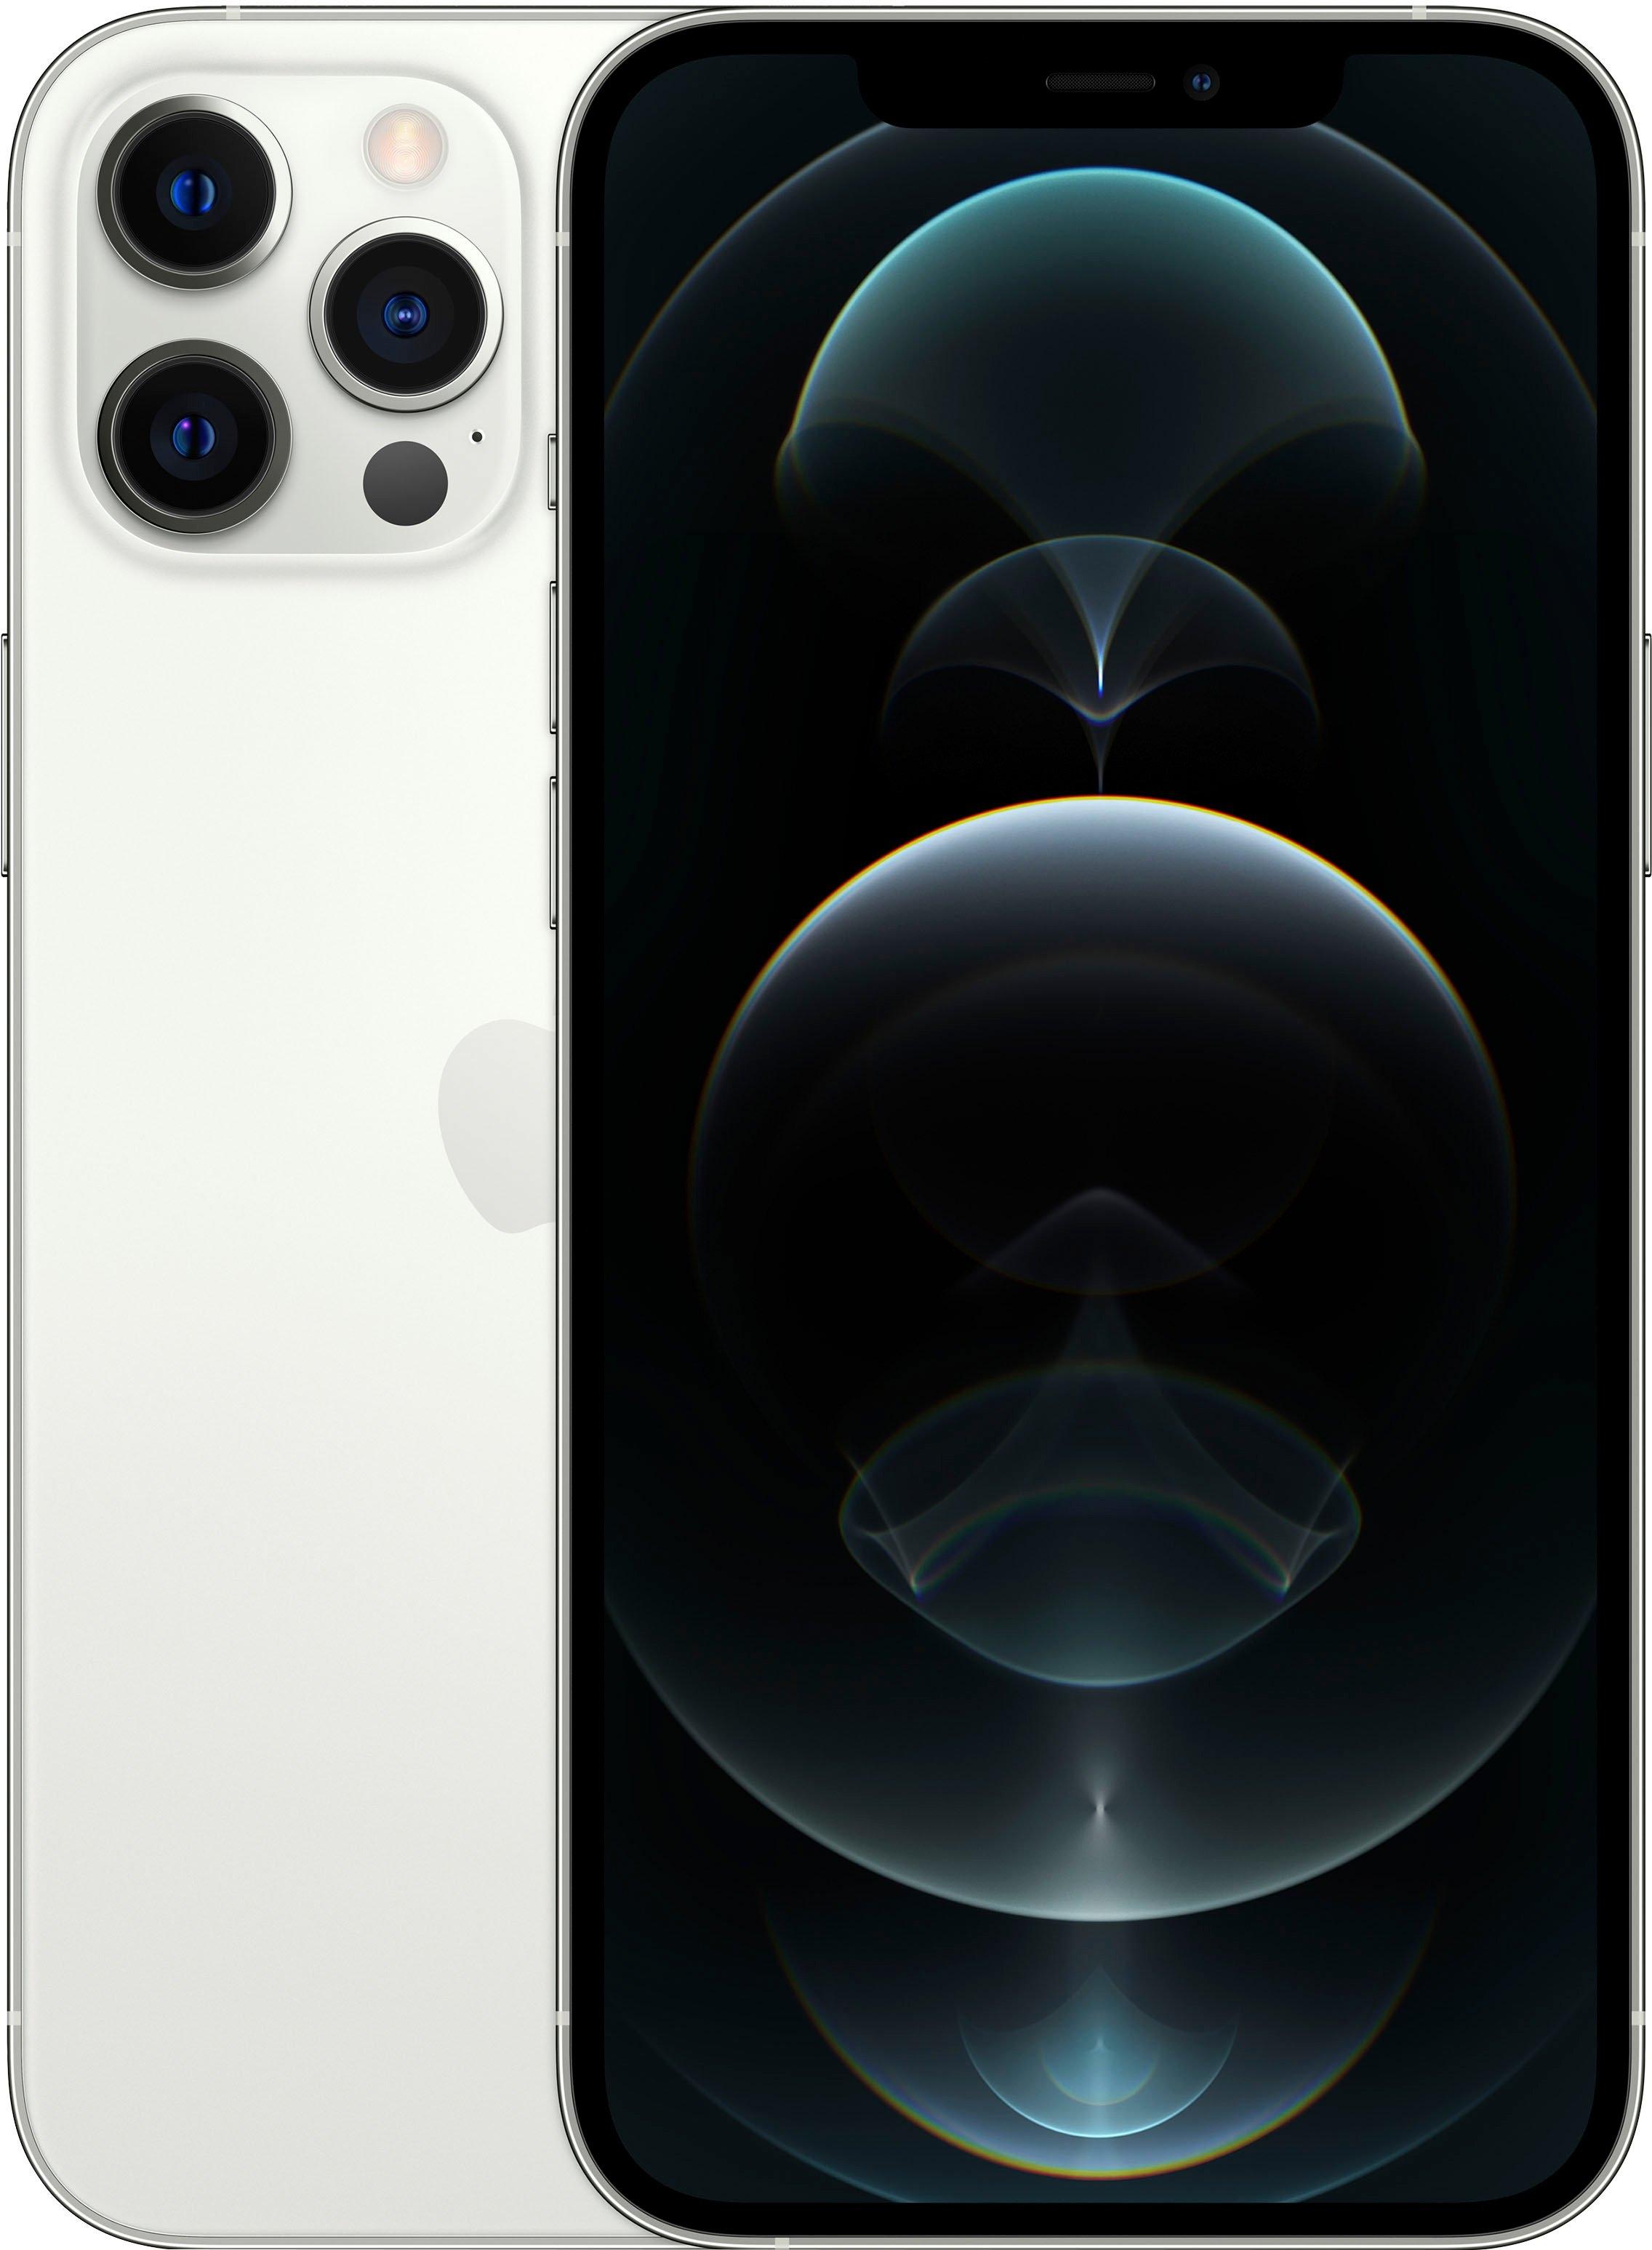 Apple smartphone IPhone 12 Pro Max - 512GB, 512 GB, zonder stroom-adapter en hoofdtelefoon, compatibel met airpods, airpods pro, earpods hoofdtelefoon bij OTTO online kopen